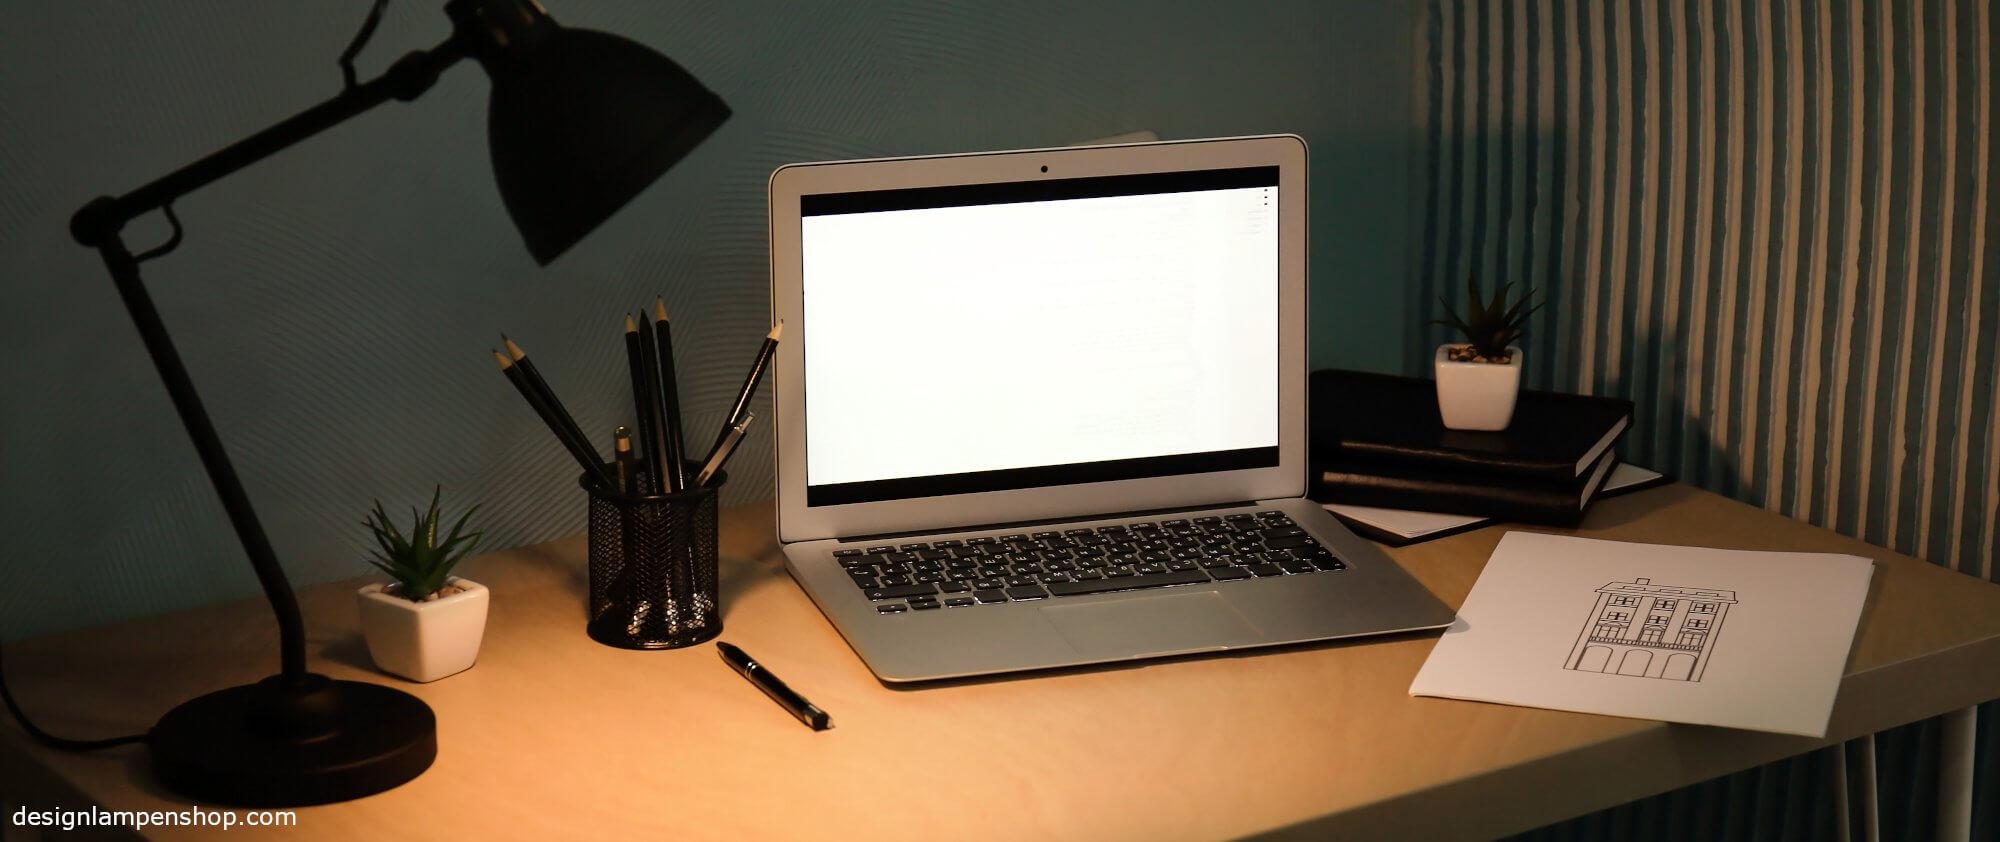 Schreibtisch mit Laptop und Schreibtischlampe